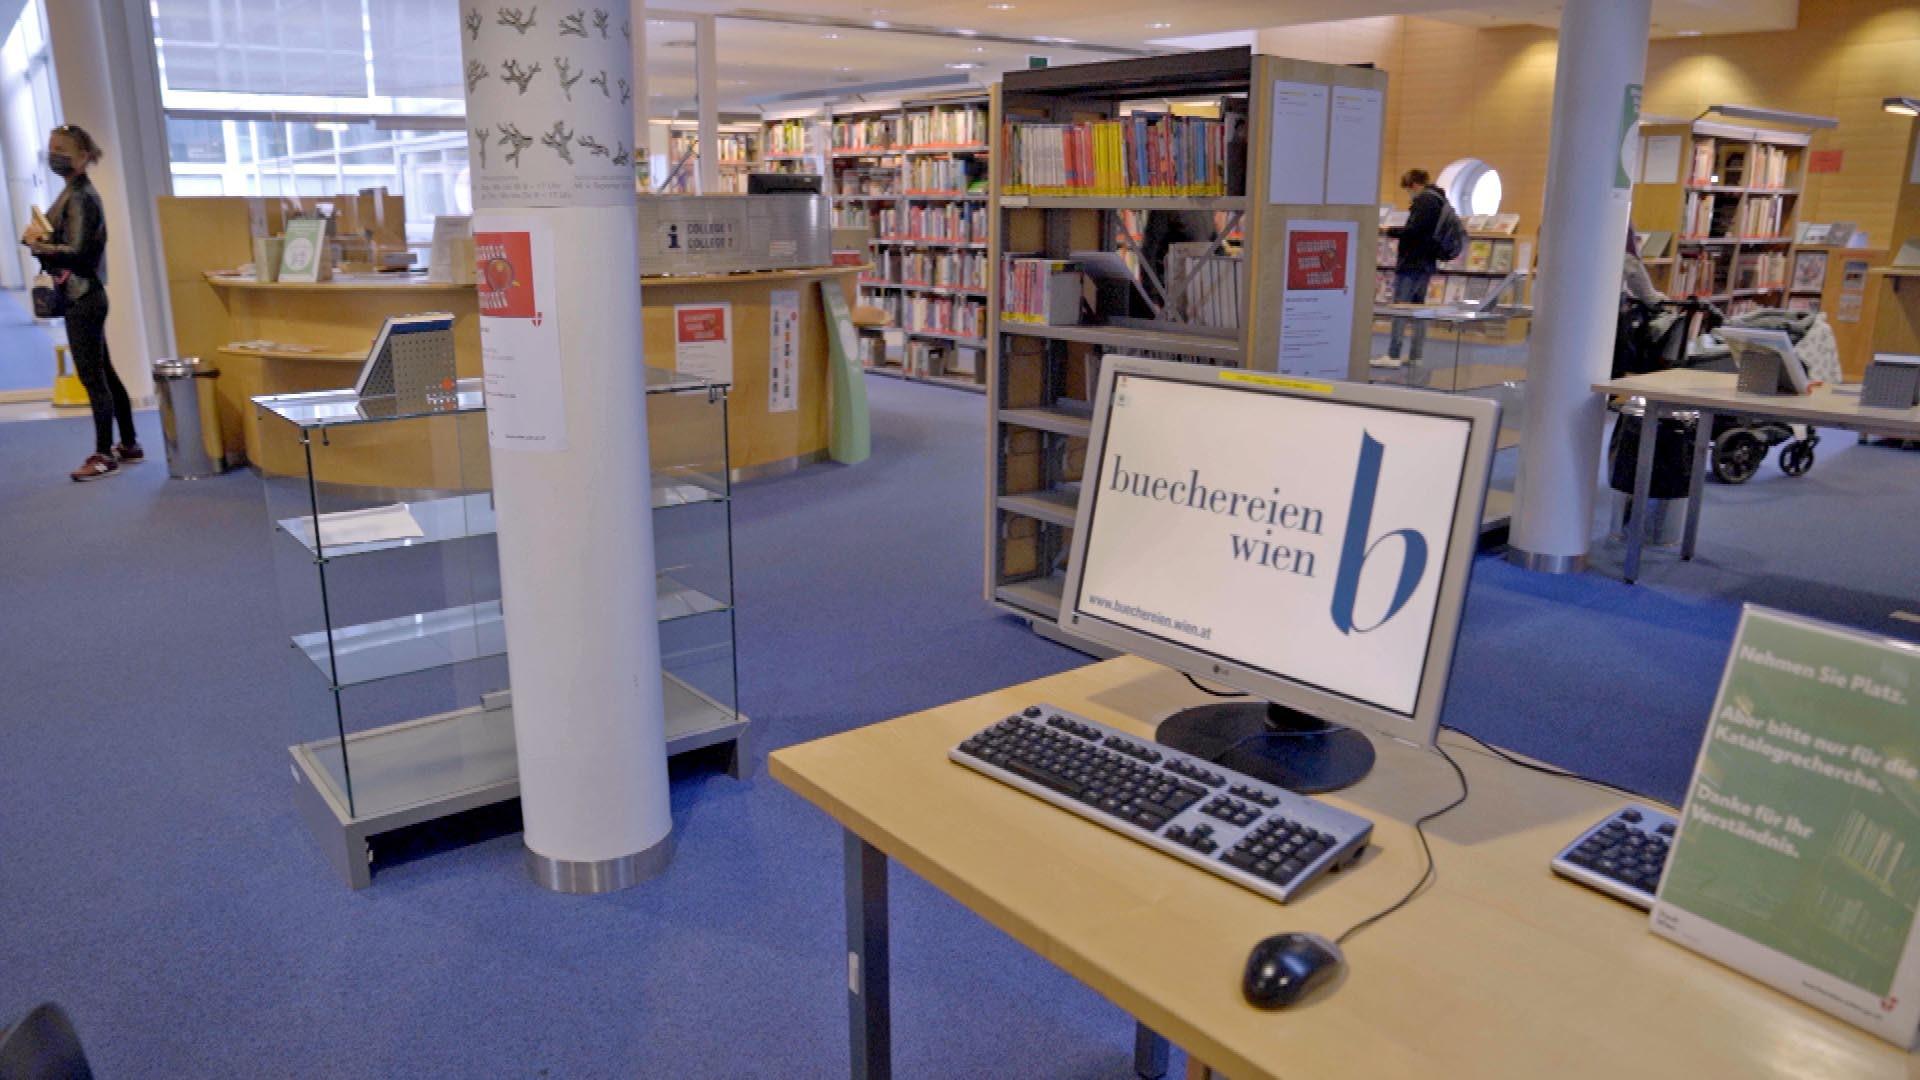 2 ÖB Büchereien